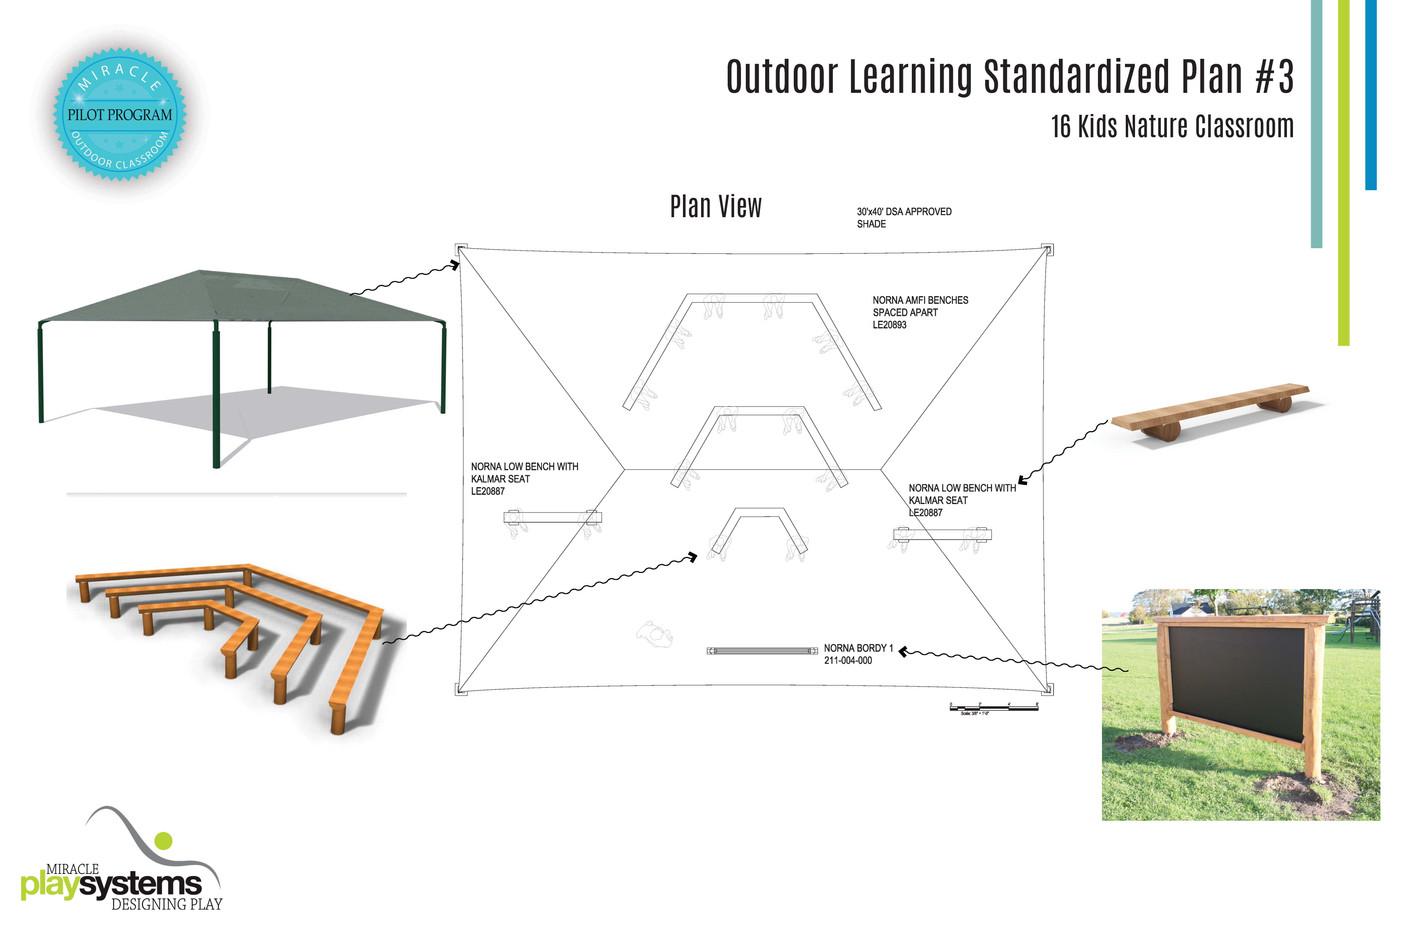 Outdoor Learning Standardized Plan #3